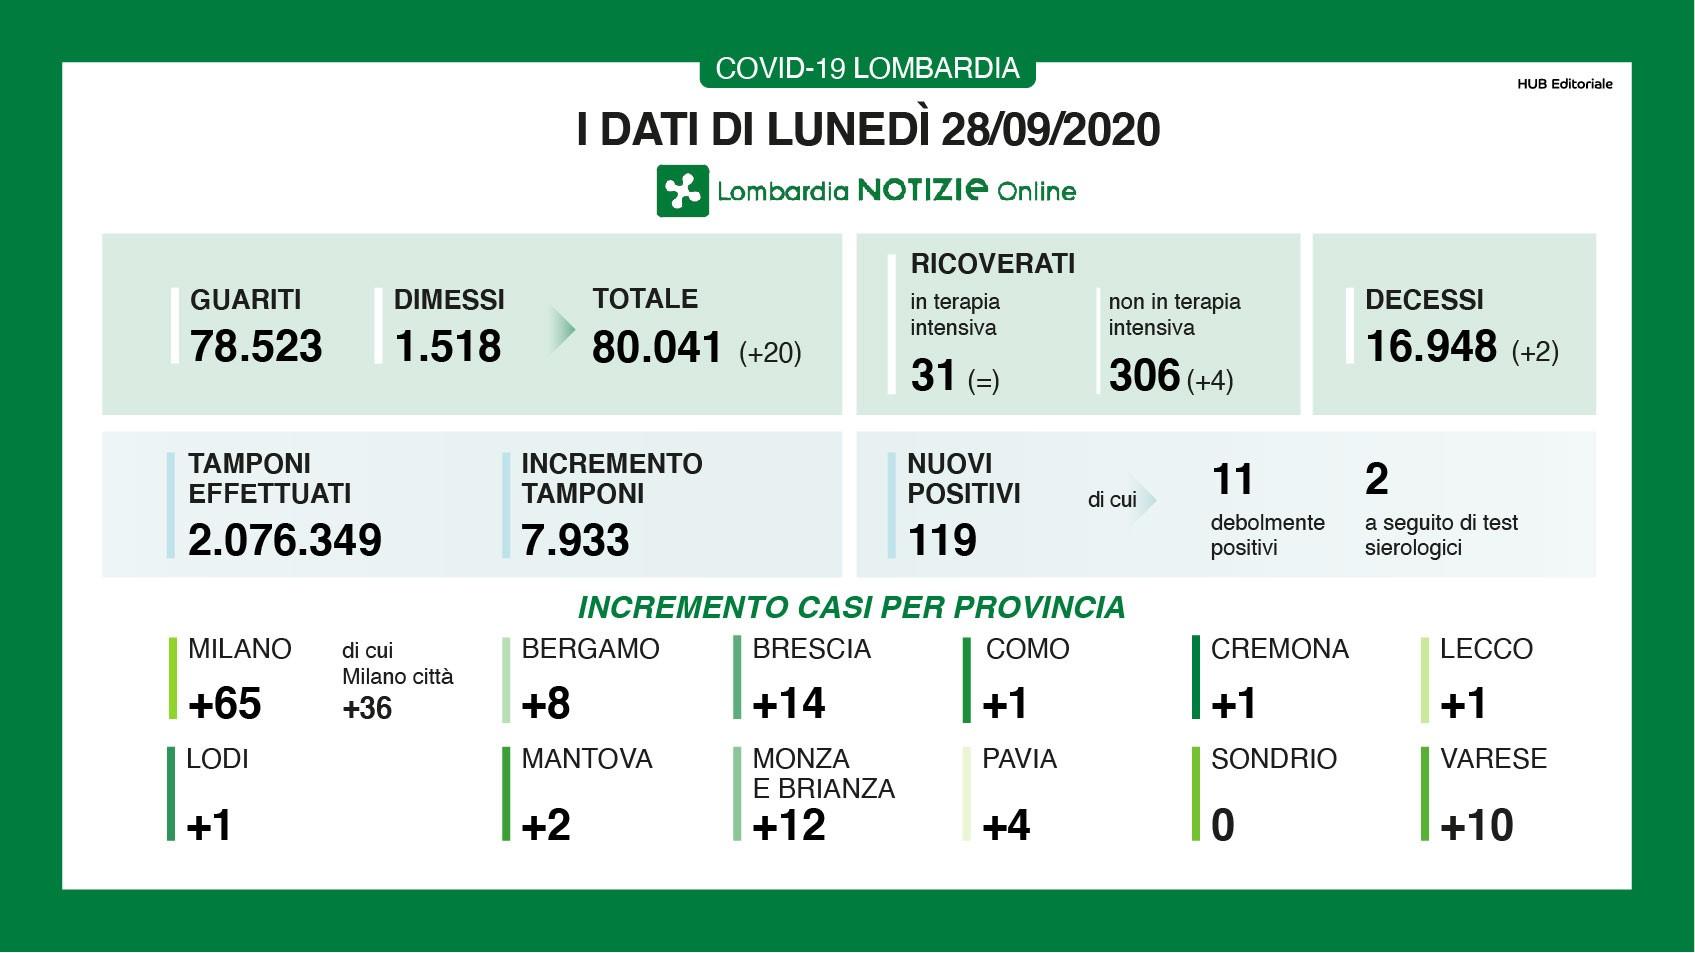 IIl bollettino sul Coronavirus oggi in Lombardia: i dati della regione per il 28 settembre